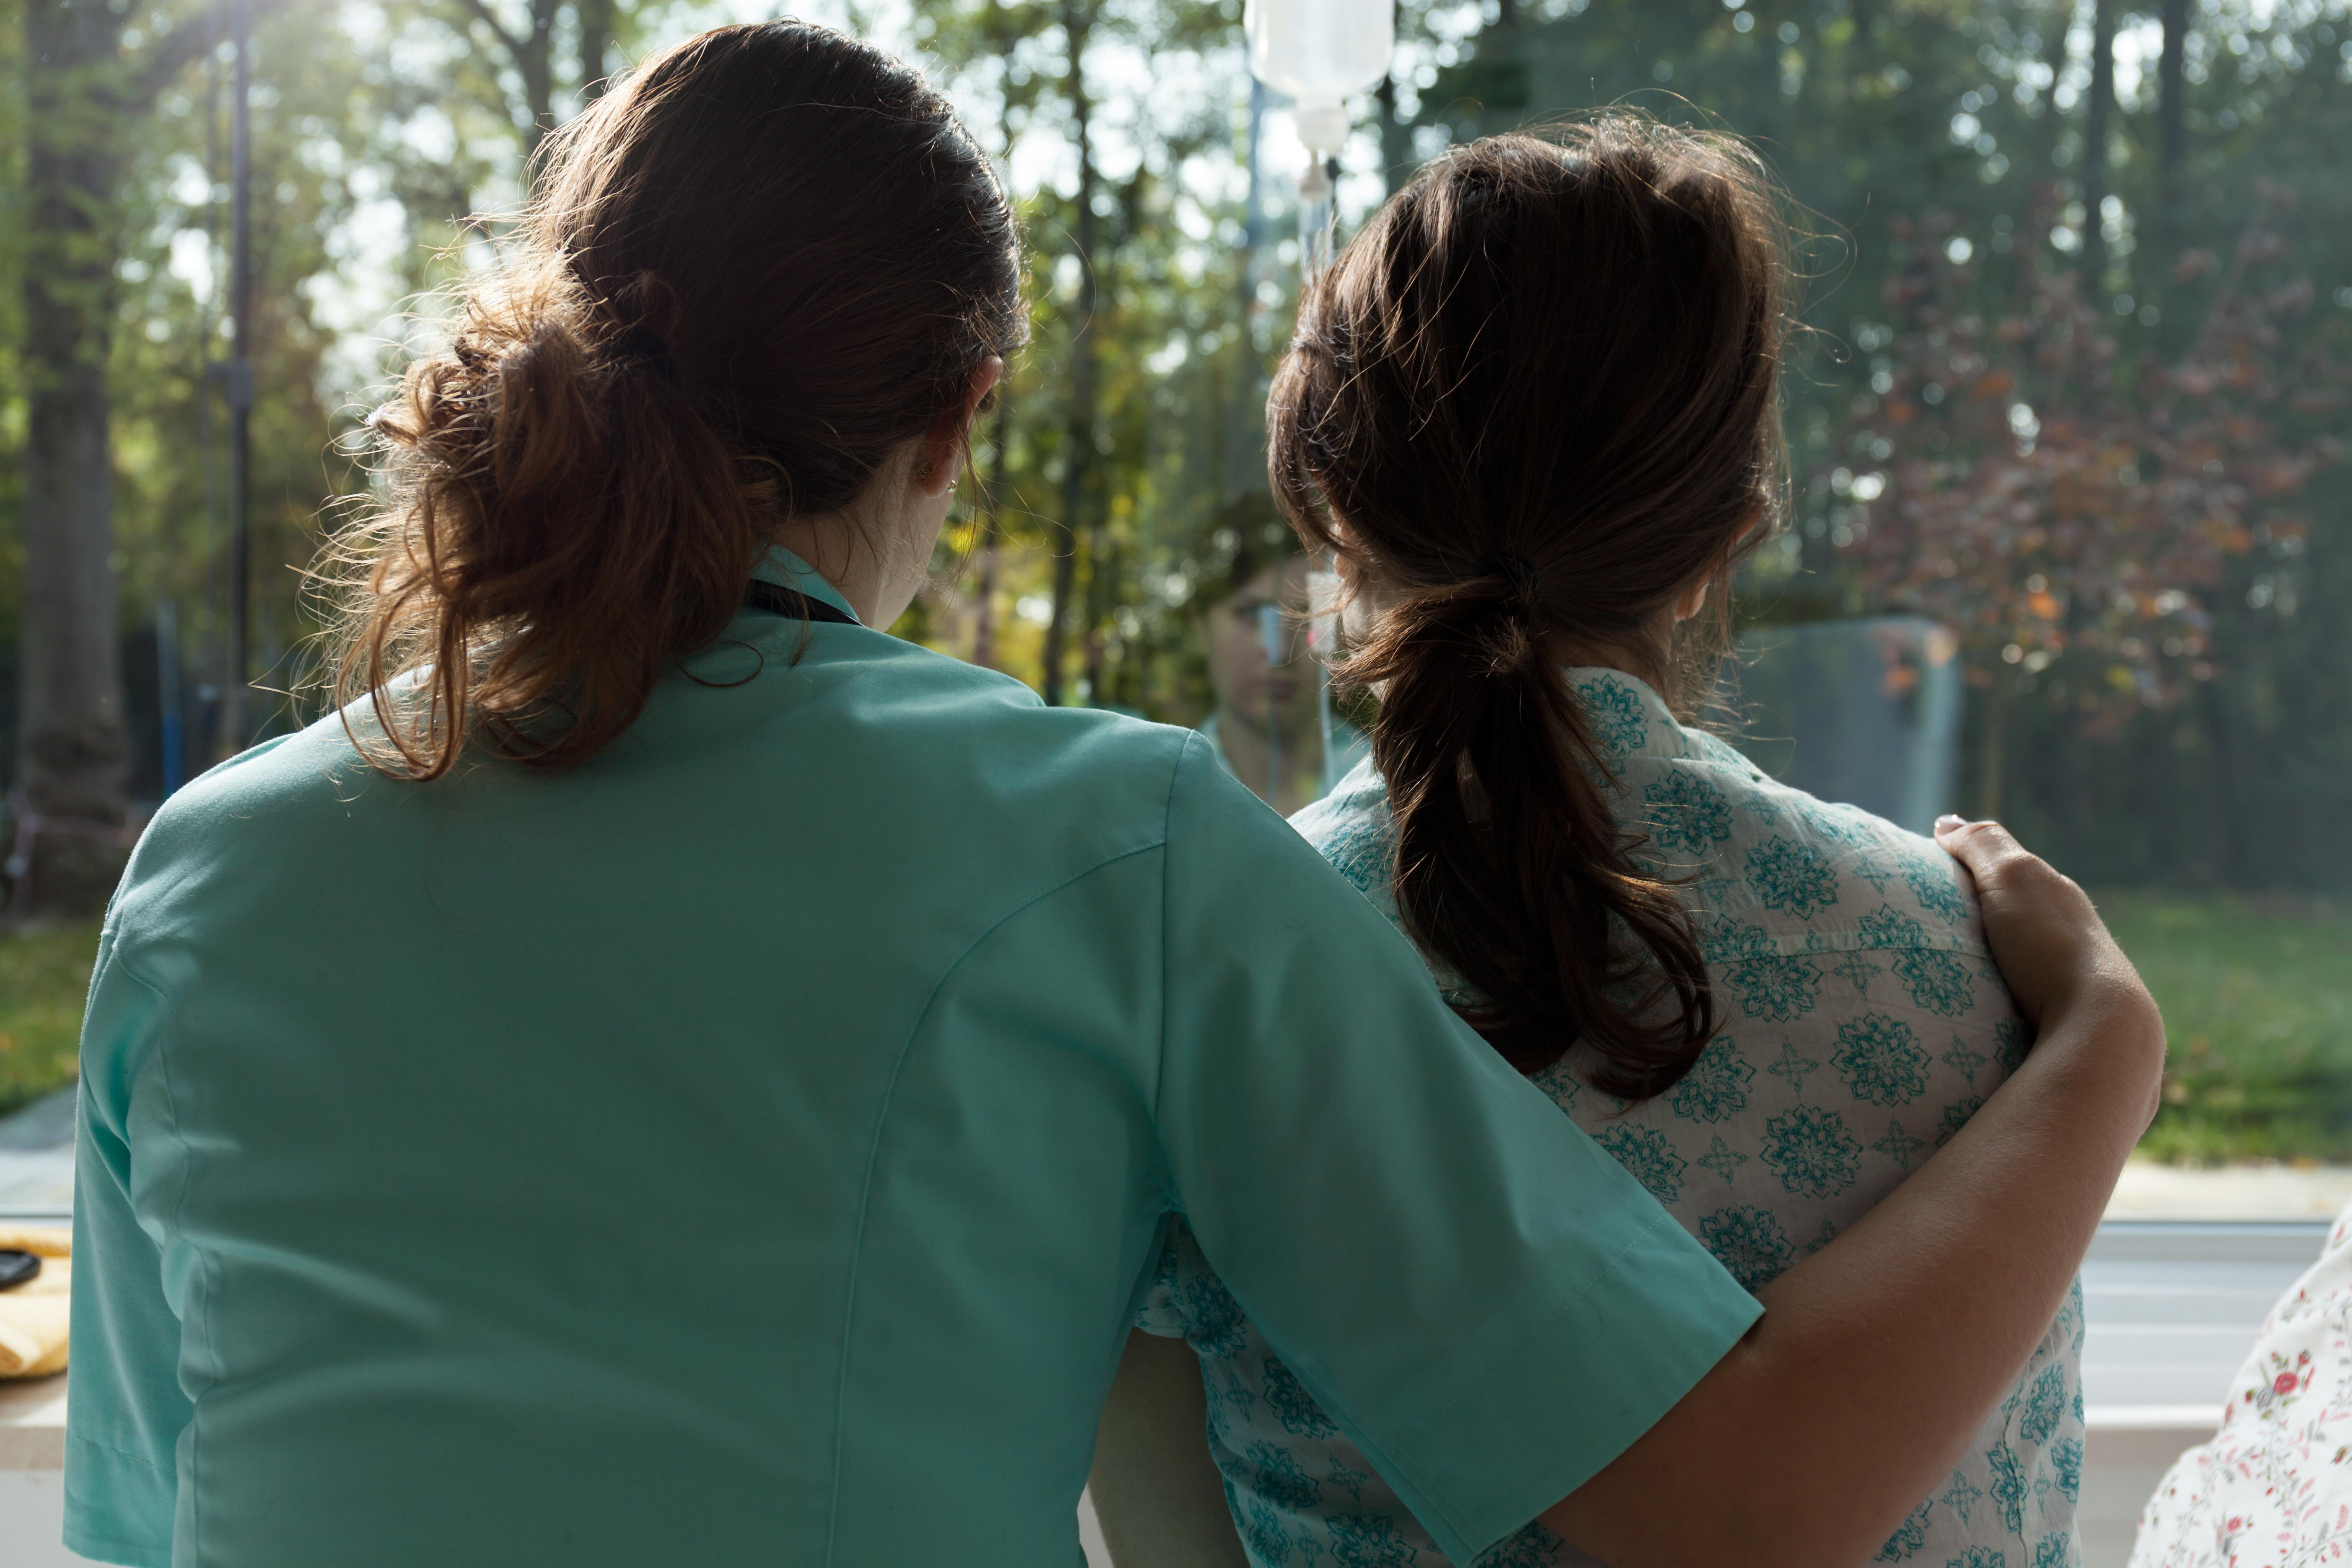 En viktig del av vården är så kallade vårdplaner, som är speciellt aktuell för självmordsbenägna patienter.